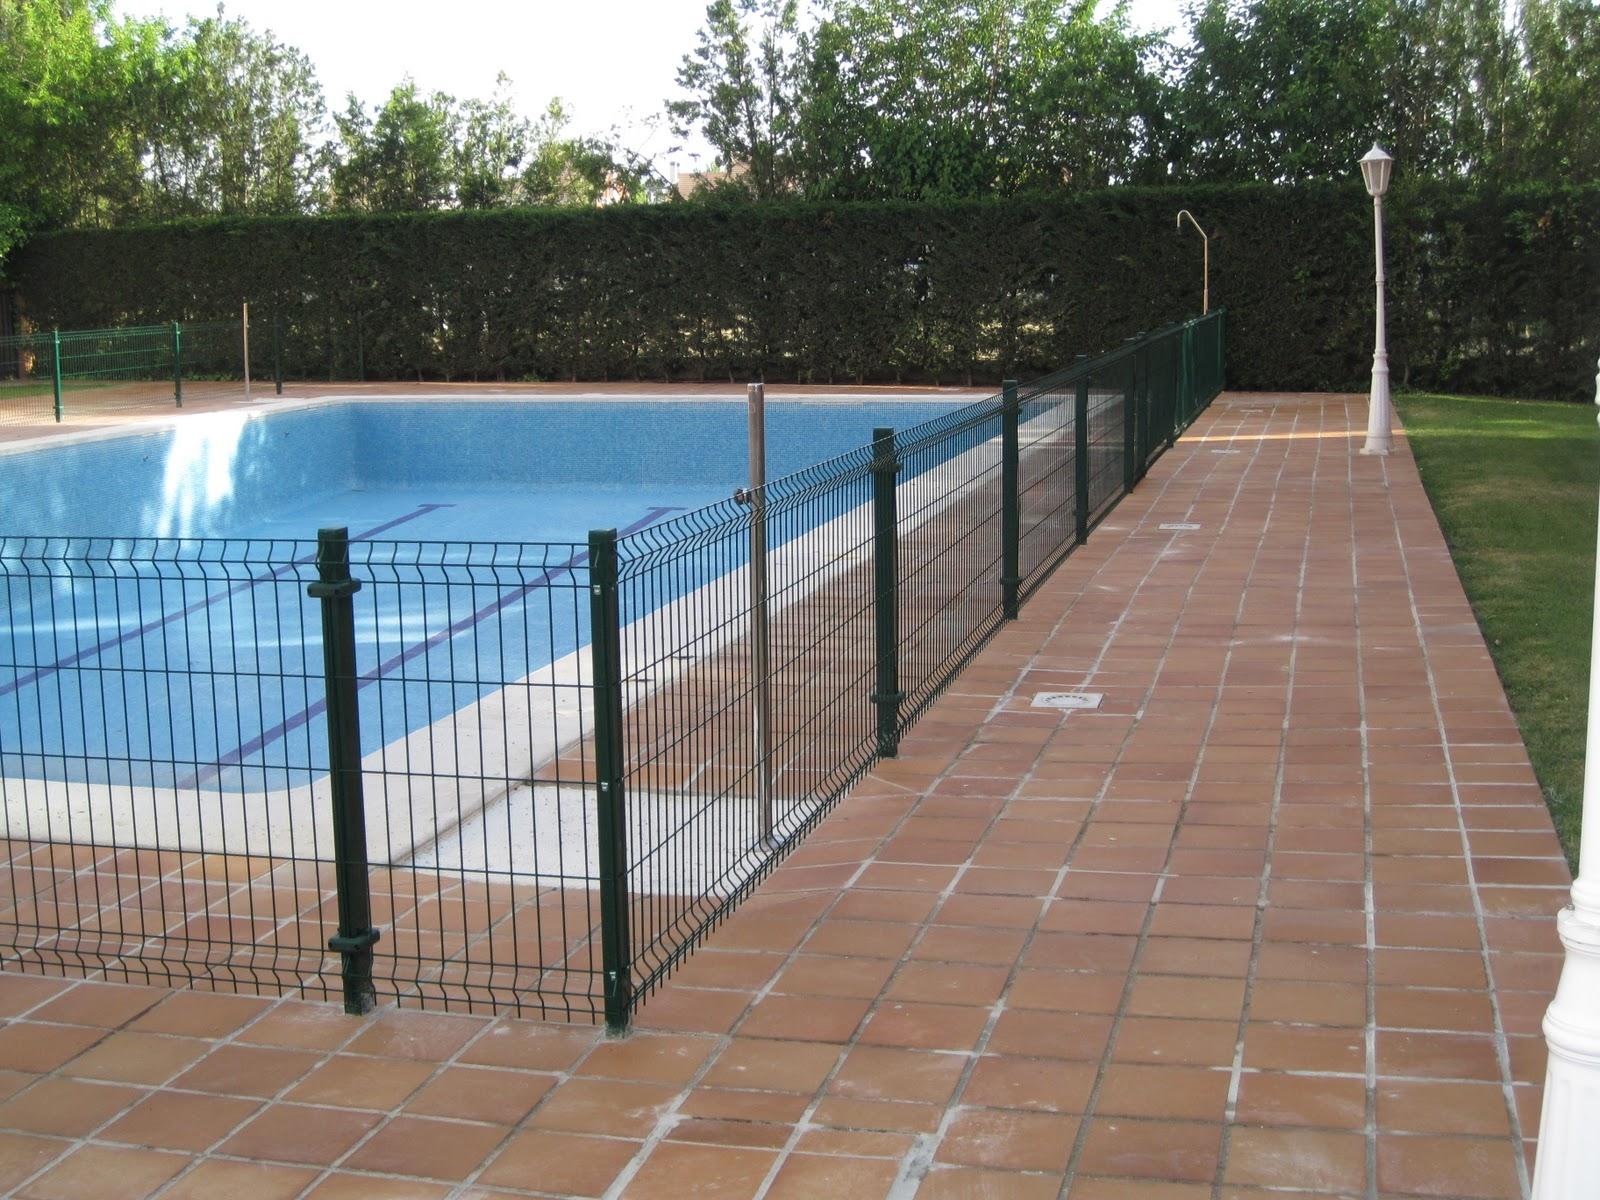 Norbel carpinteria met lica y acero inoxidable for Cerramientos para piscinas